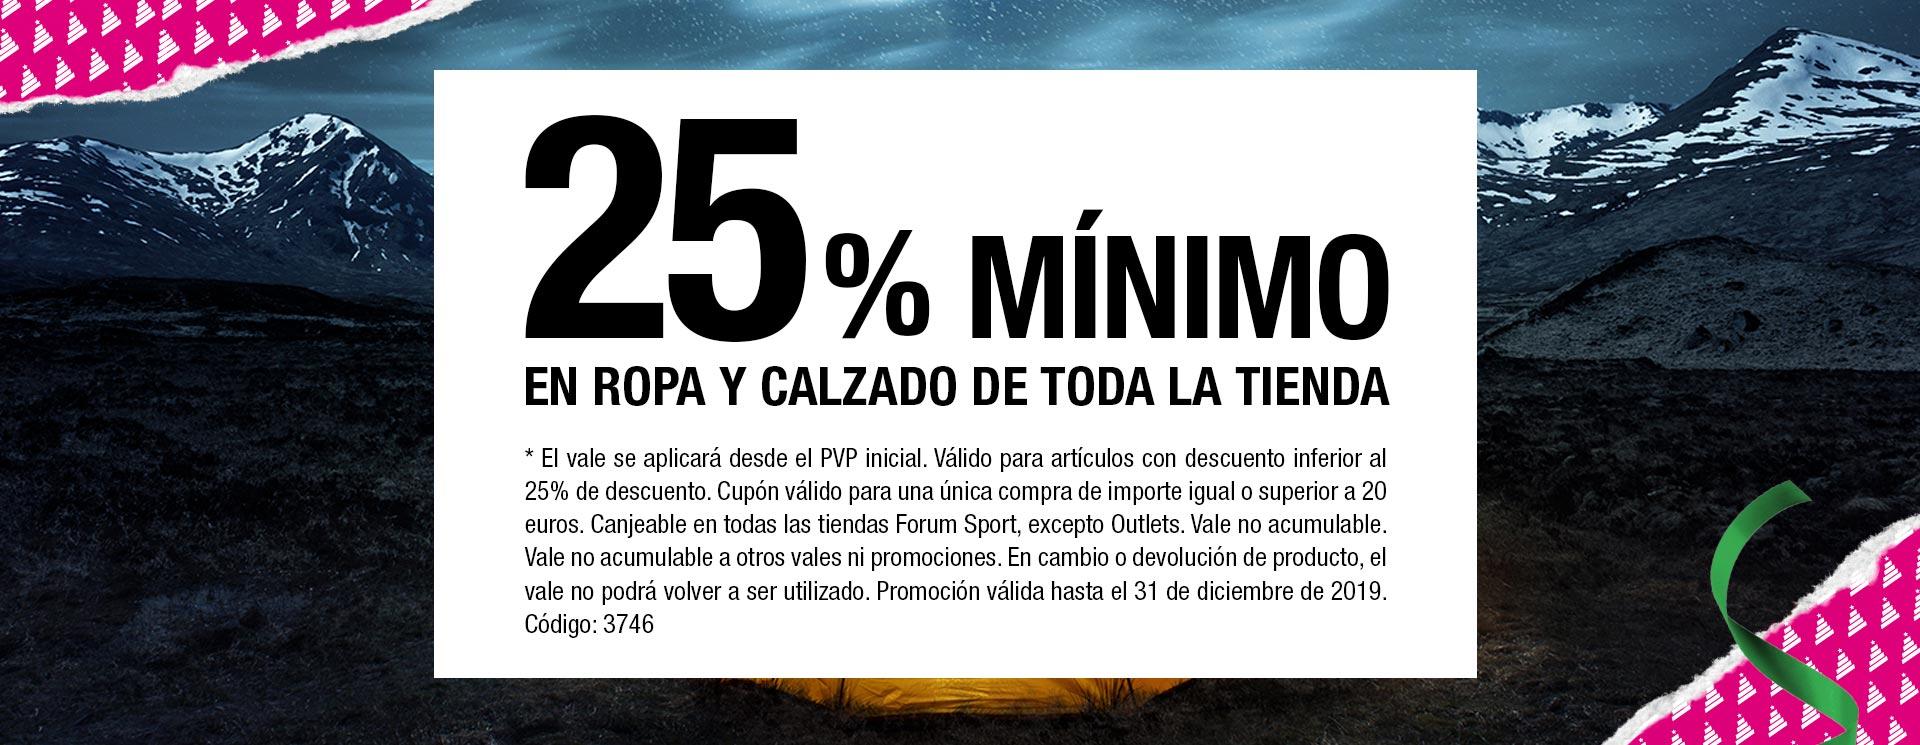 FORUM 25% MINIMO EN ROPA Y CALZADO DE TODA LA TIENDA.